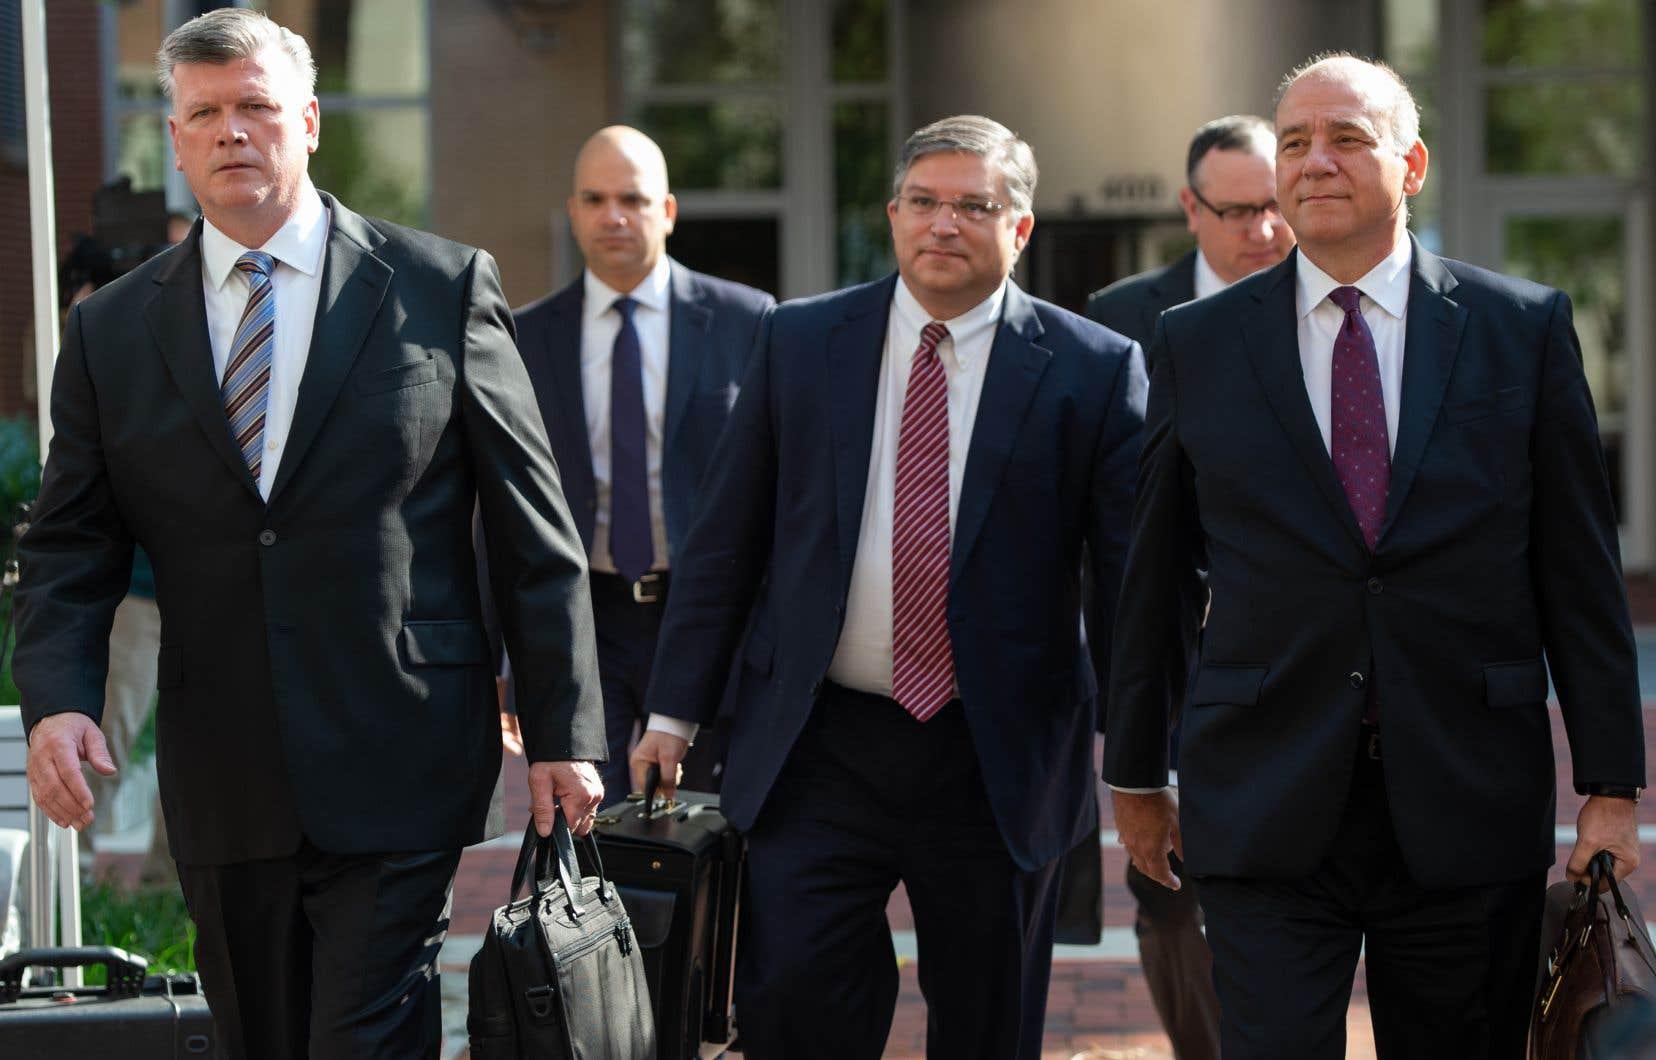 <p>Les avocats de la défense de l'ancien directeur de campagne de Trump, Paul Manafort, lors de leur arrivée au palais de justice américain Albert V. Bryan à Alexandria, en Virginie, le 15août 2018.</p>